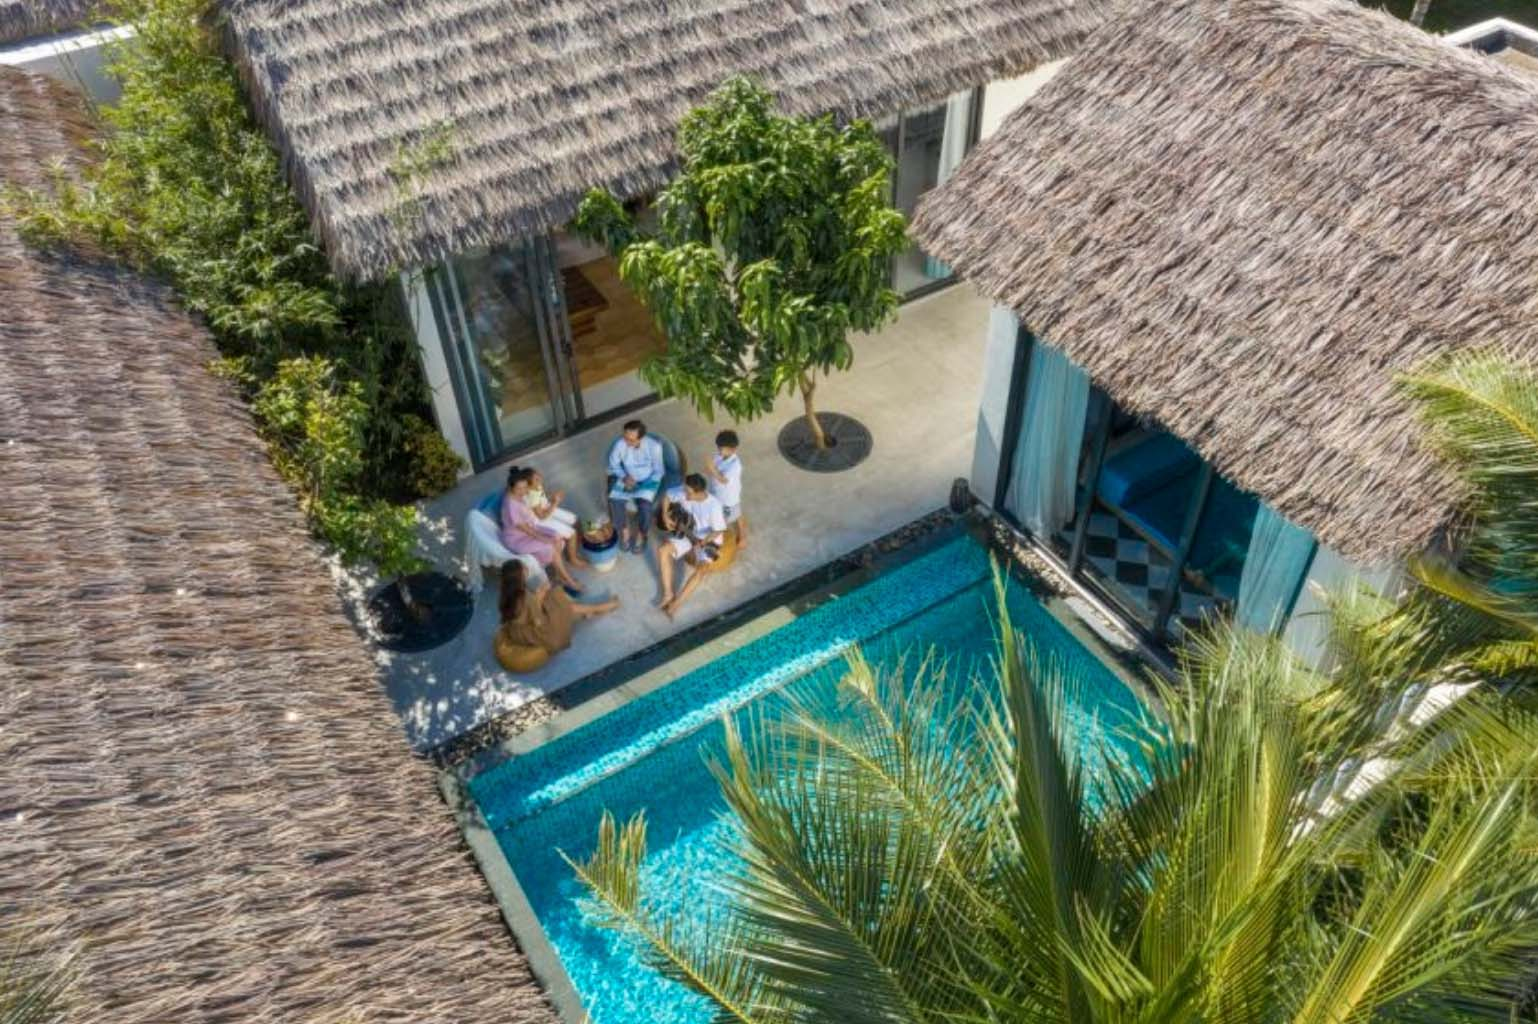 Tạp chí danh tiếng Mỹ gợi ý 2 khách sạn Việt Nam lọt top điểm đến tuyệt vời nhất thế giới 2021 - Ảnh 2.